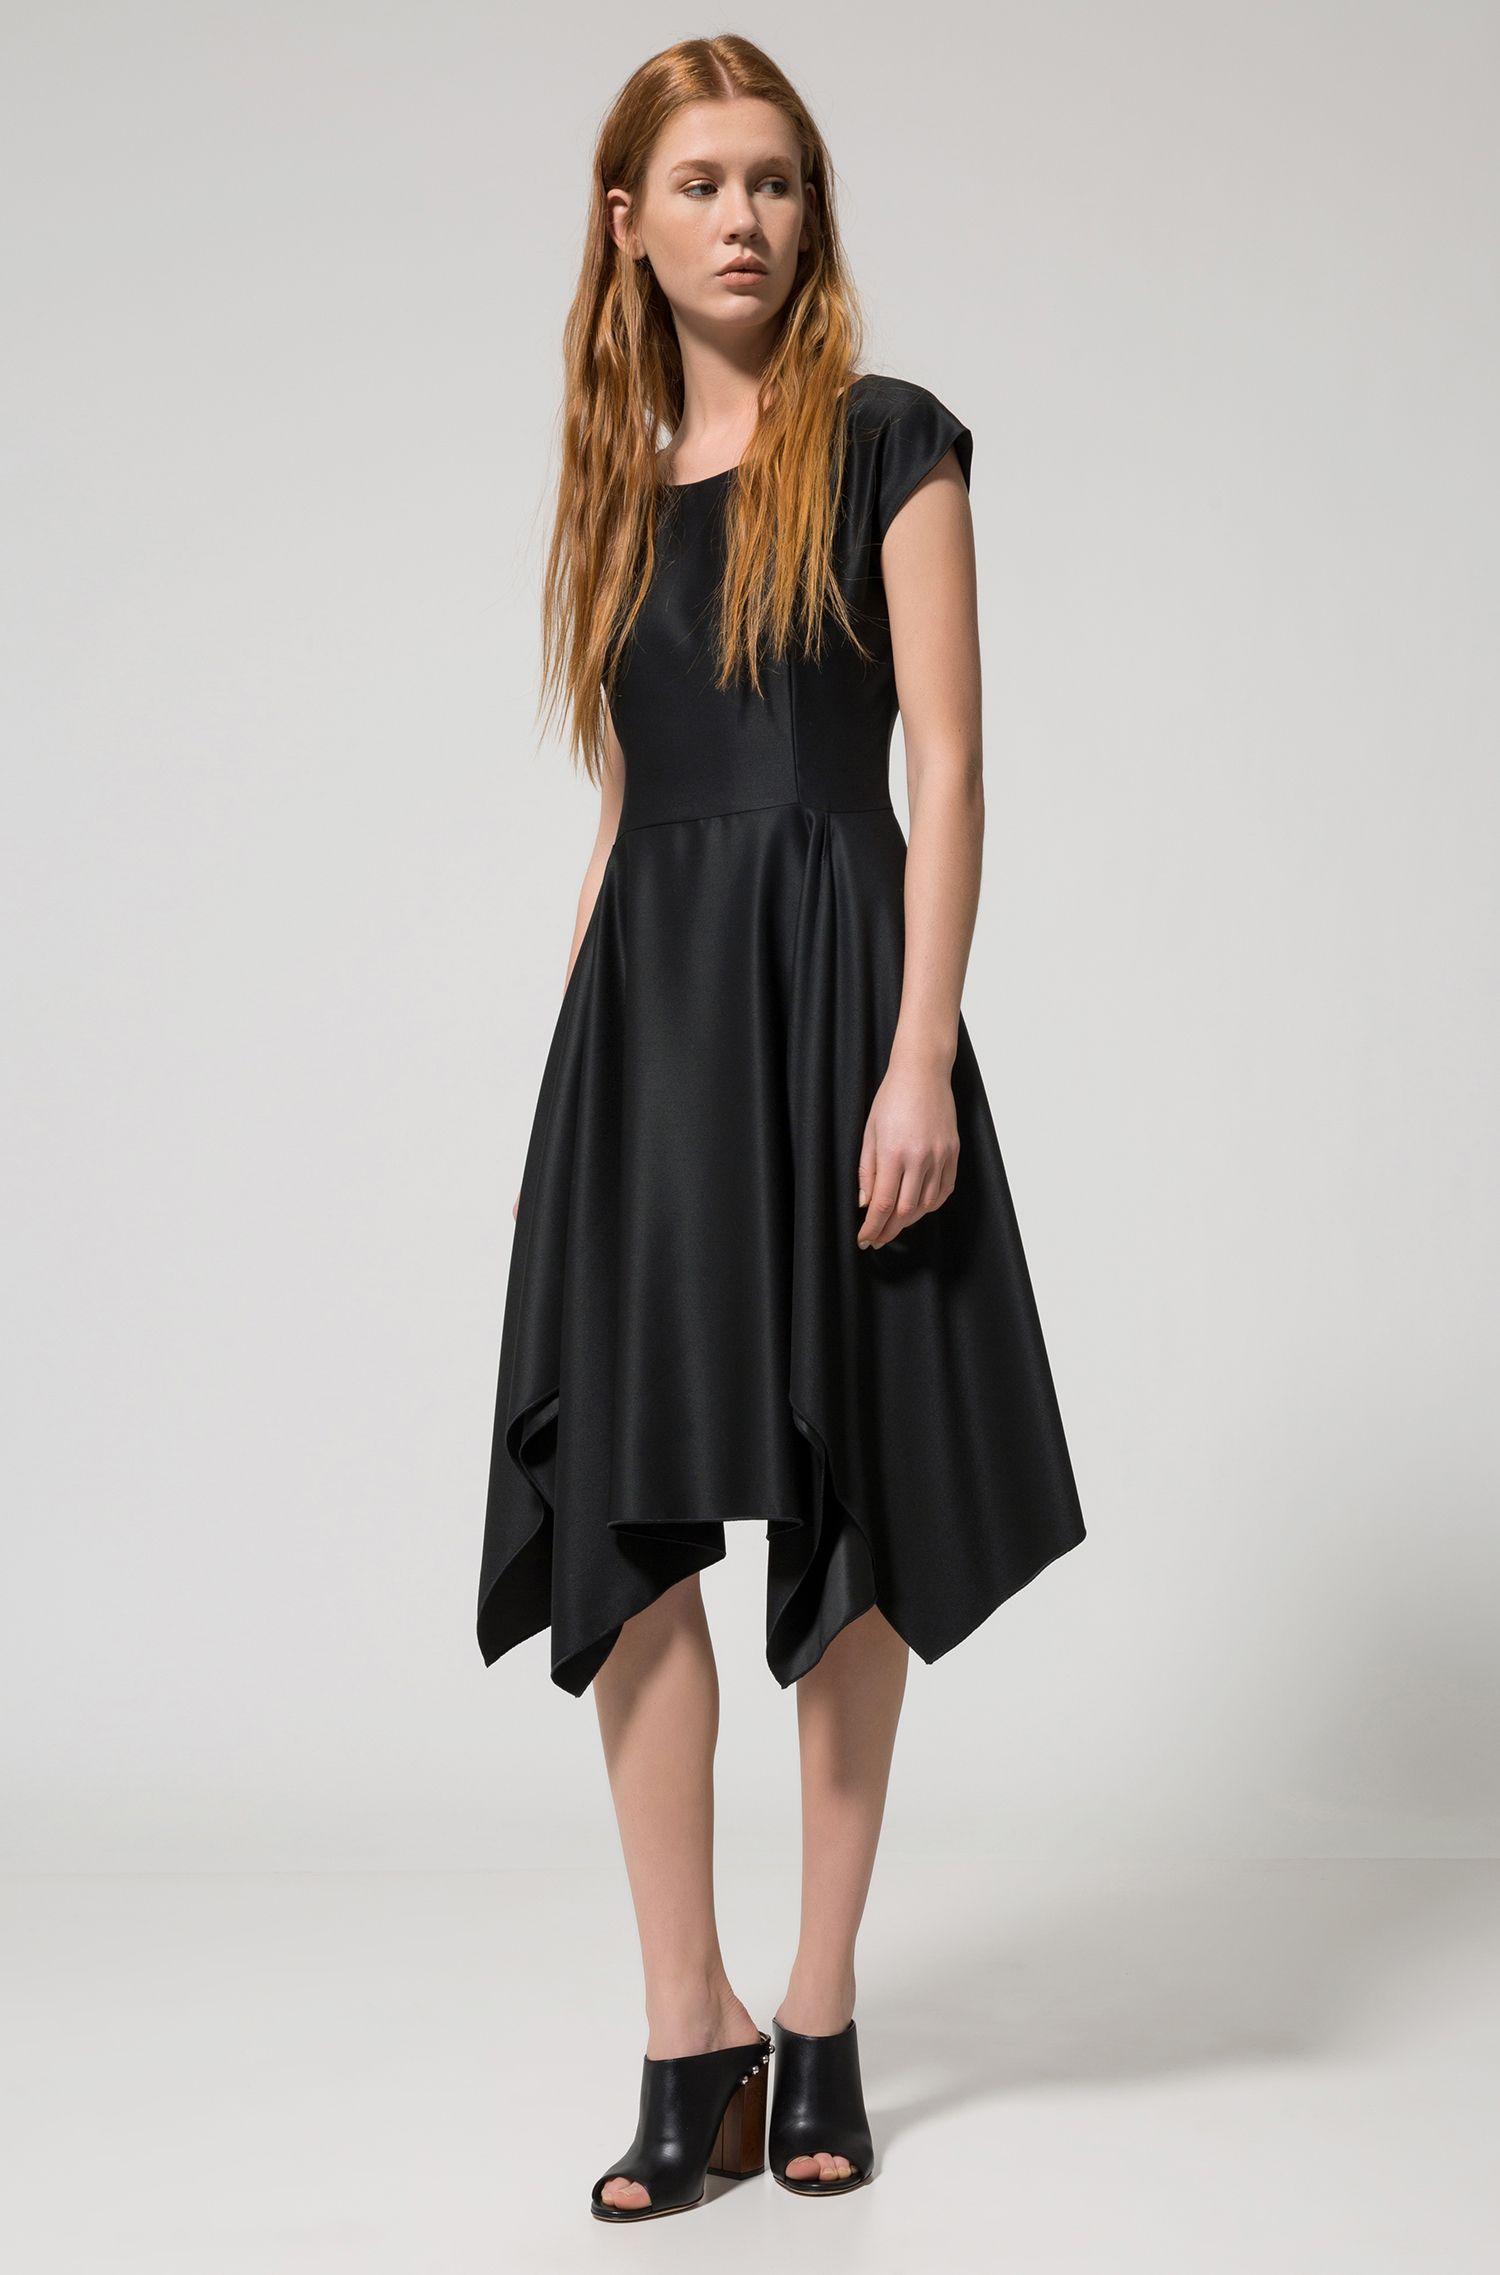 Modern short-sleeved dress with voluminous skirt and uneven hem